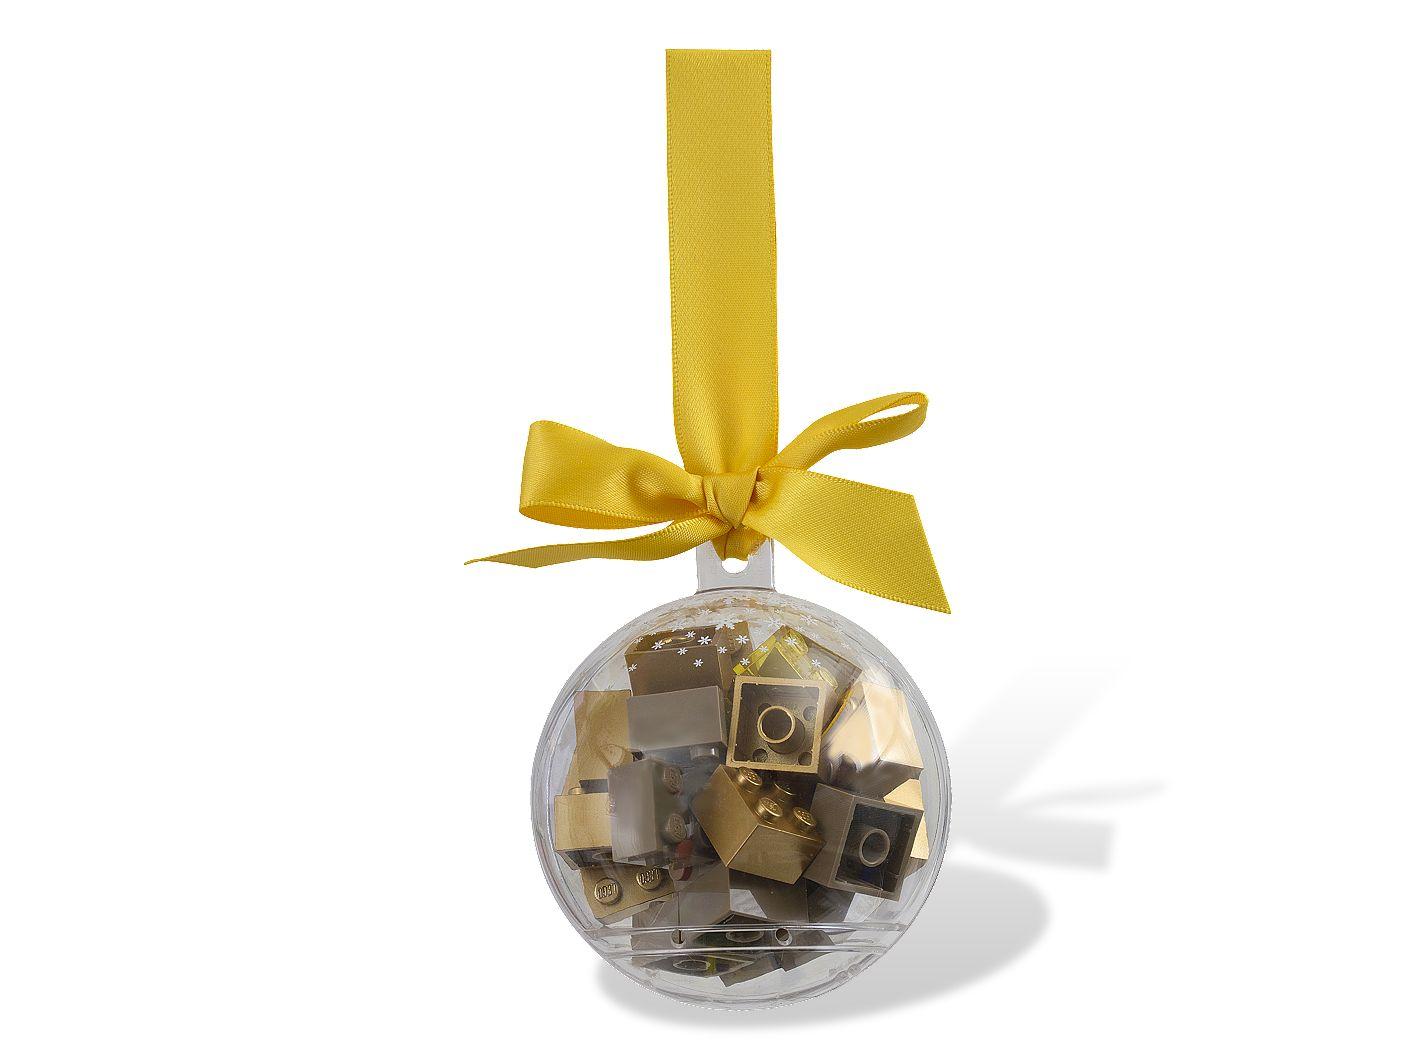 황금색 블록 크리스마스 장식